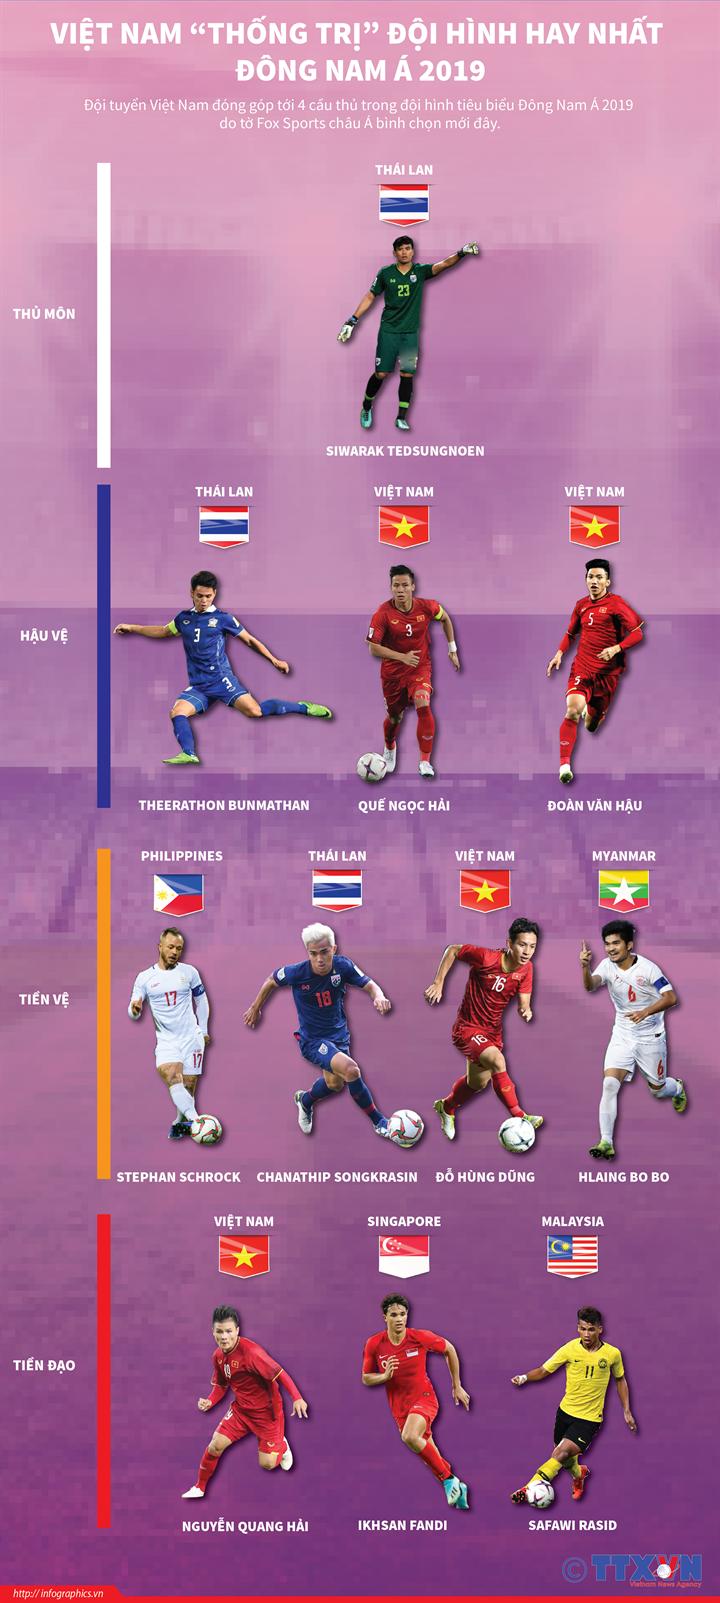 """Việt Nam """"thống trị"""" đội hình hay nhất Đông Nam Á 2019"""